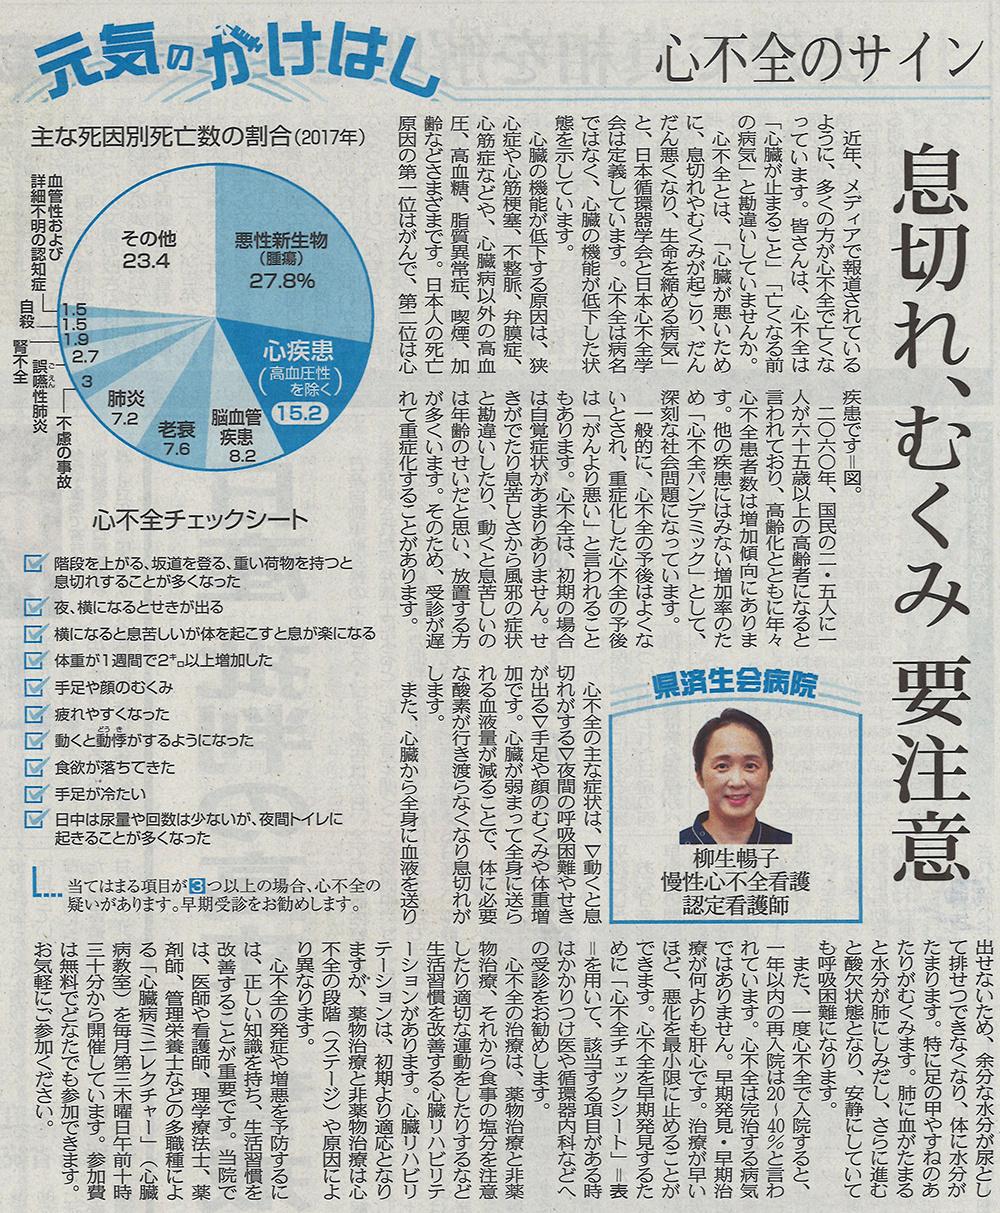 2019年3月7日 日刊県民福井